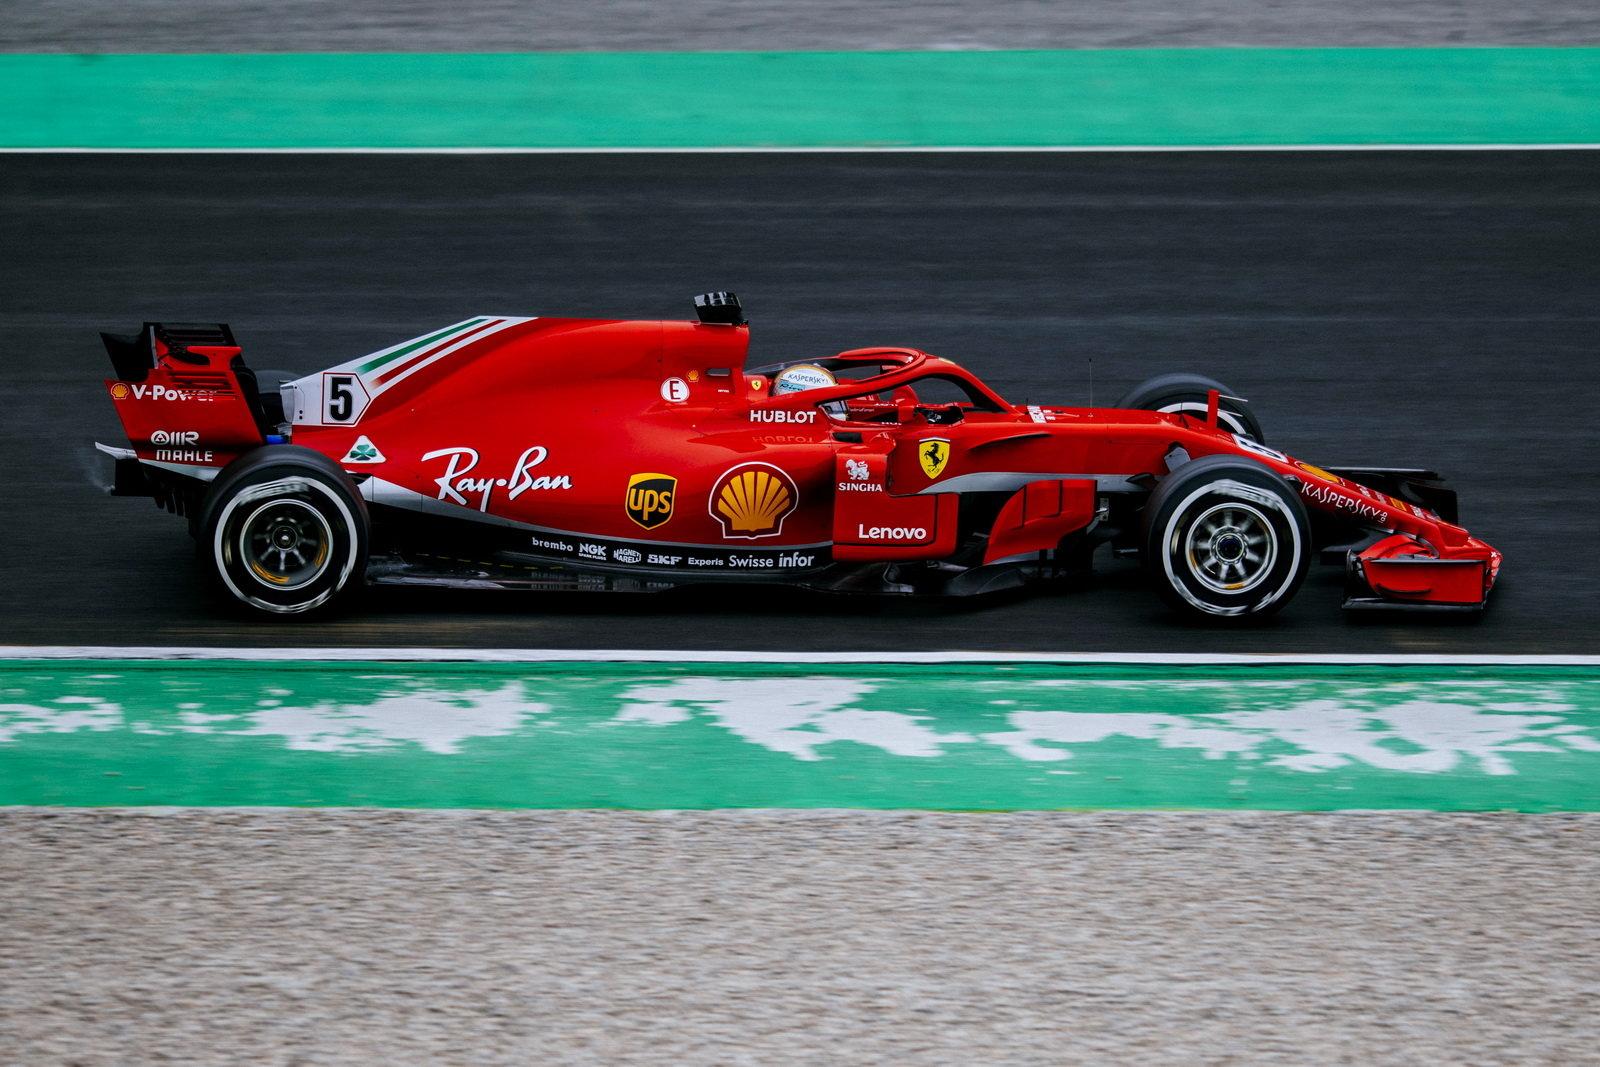 Foto La Formula 1 2018 In Diretta Streaming Ma Non In Italia